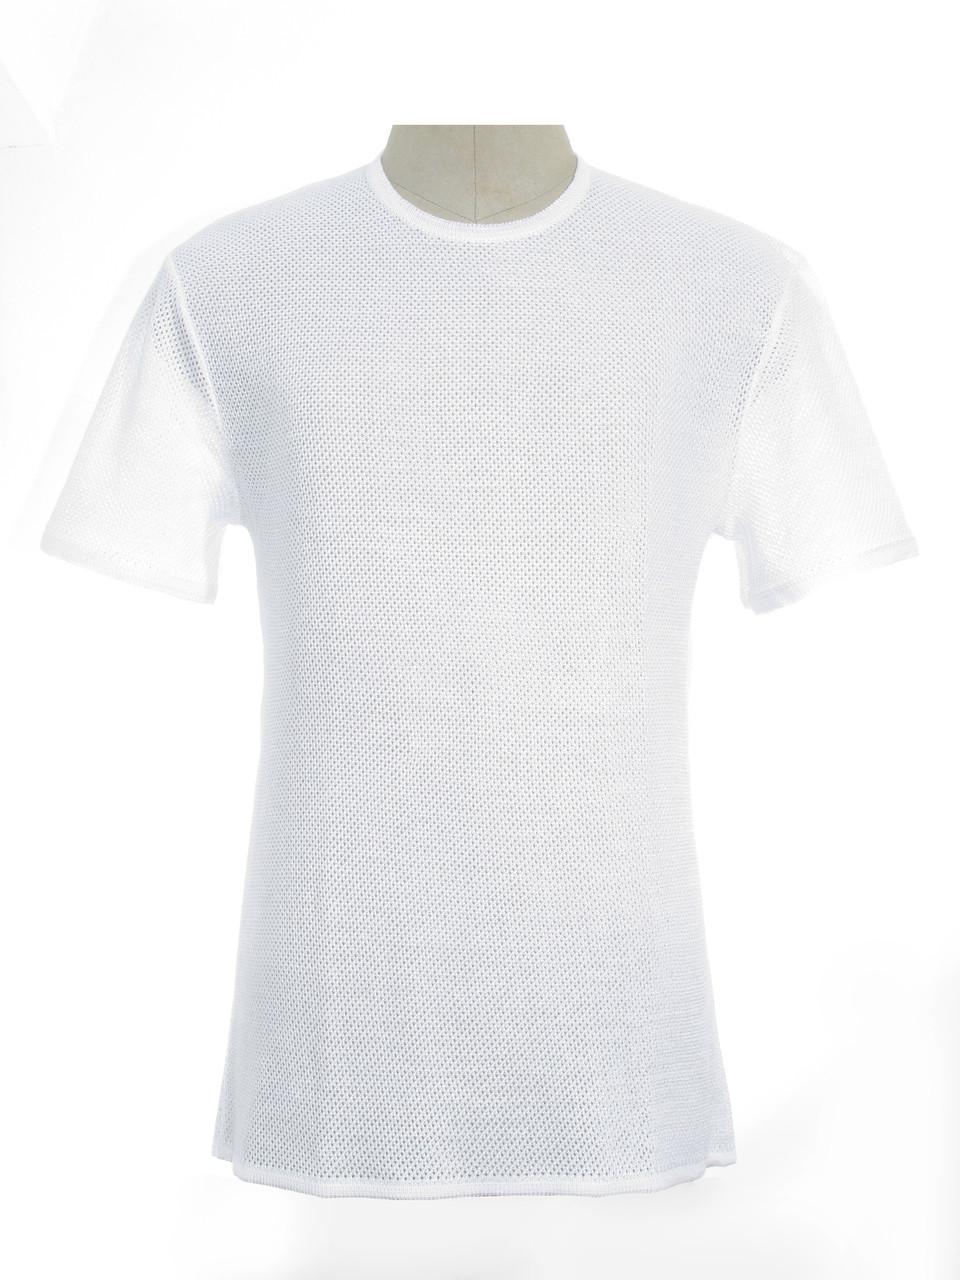 Мужская вязаная футболка 20311 (х/б)